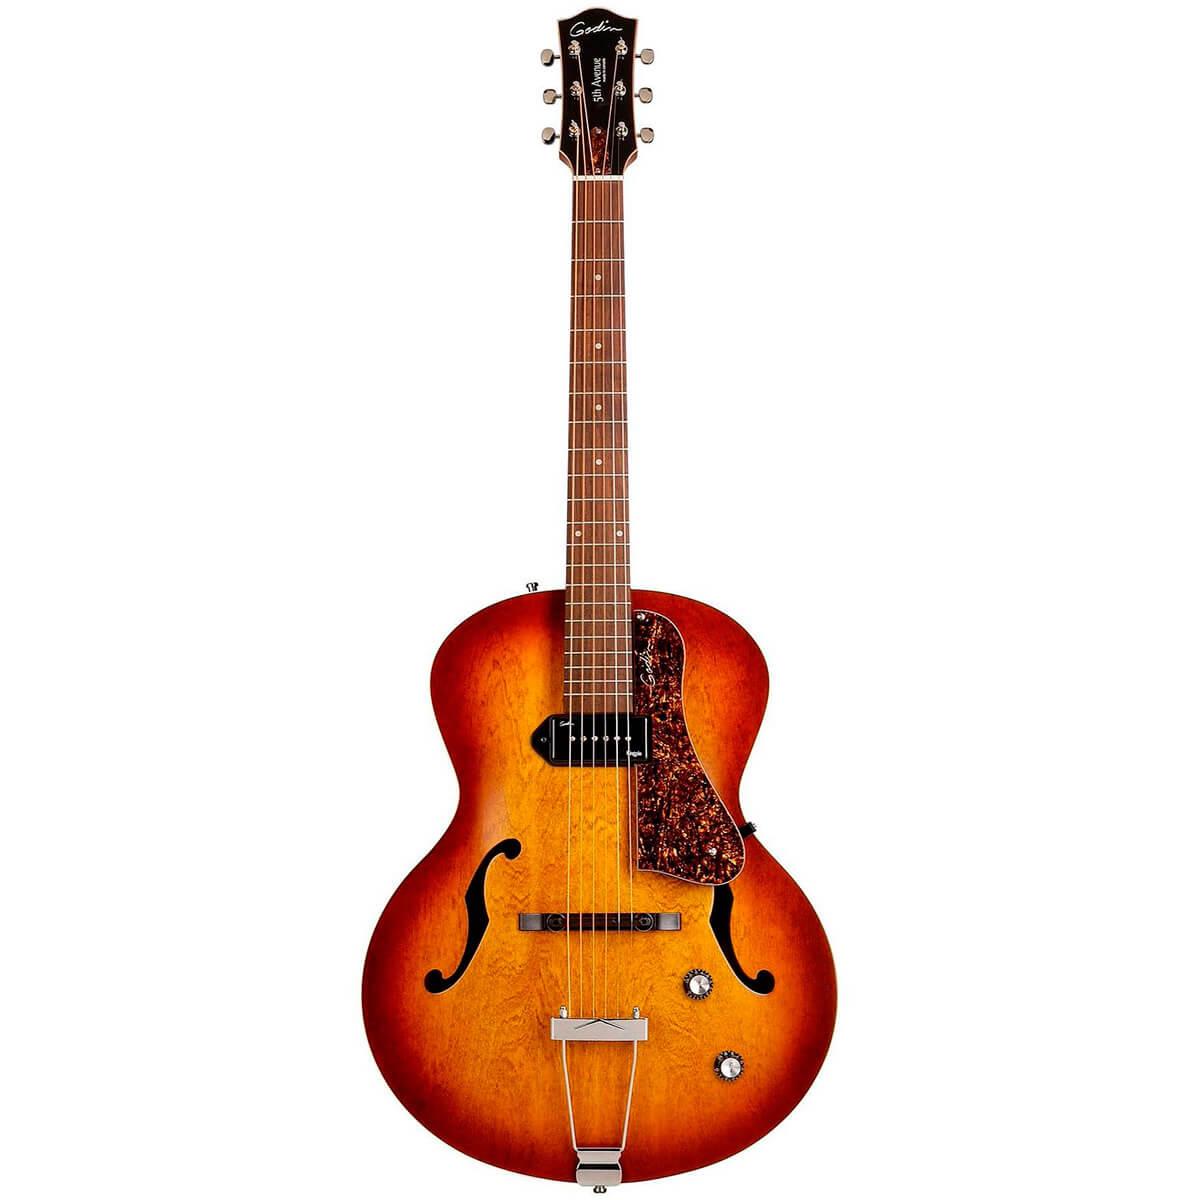 Godin 5thAvenueKingpinP90 el-guitar cognacburst